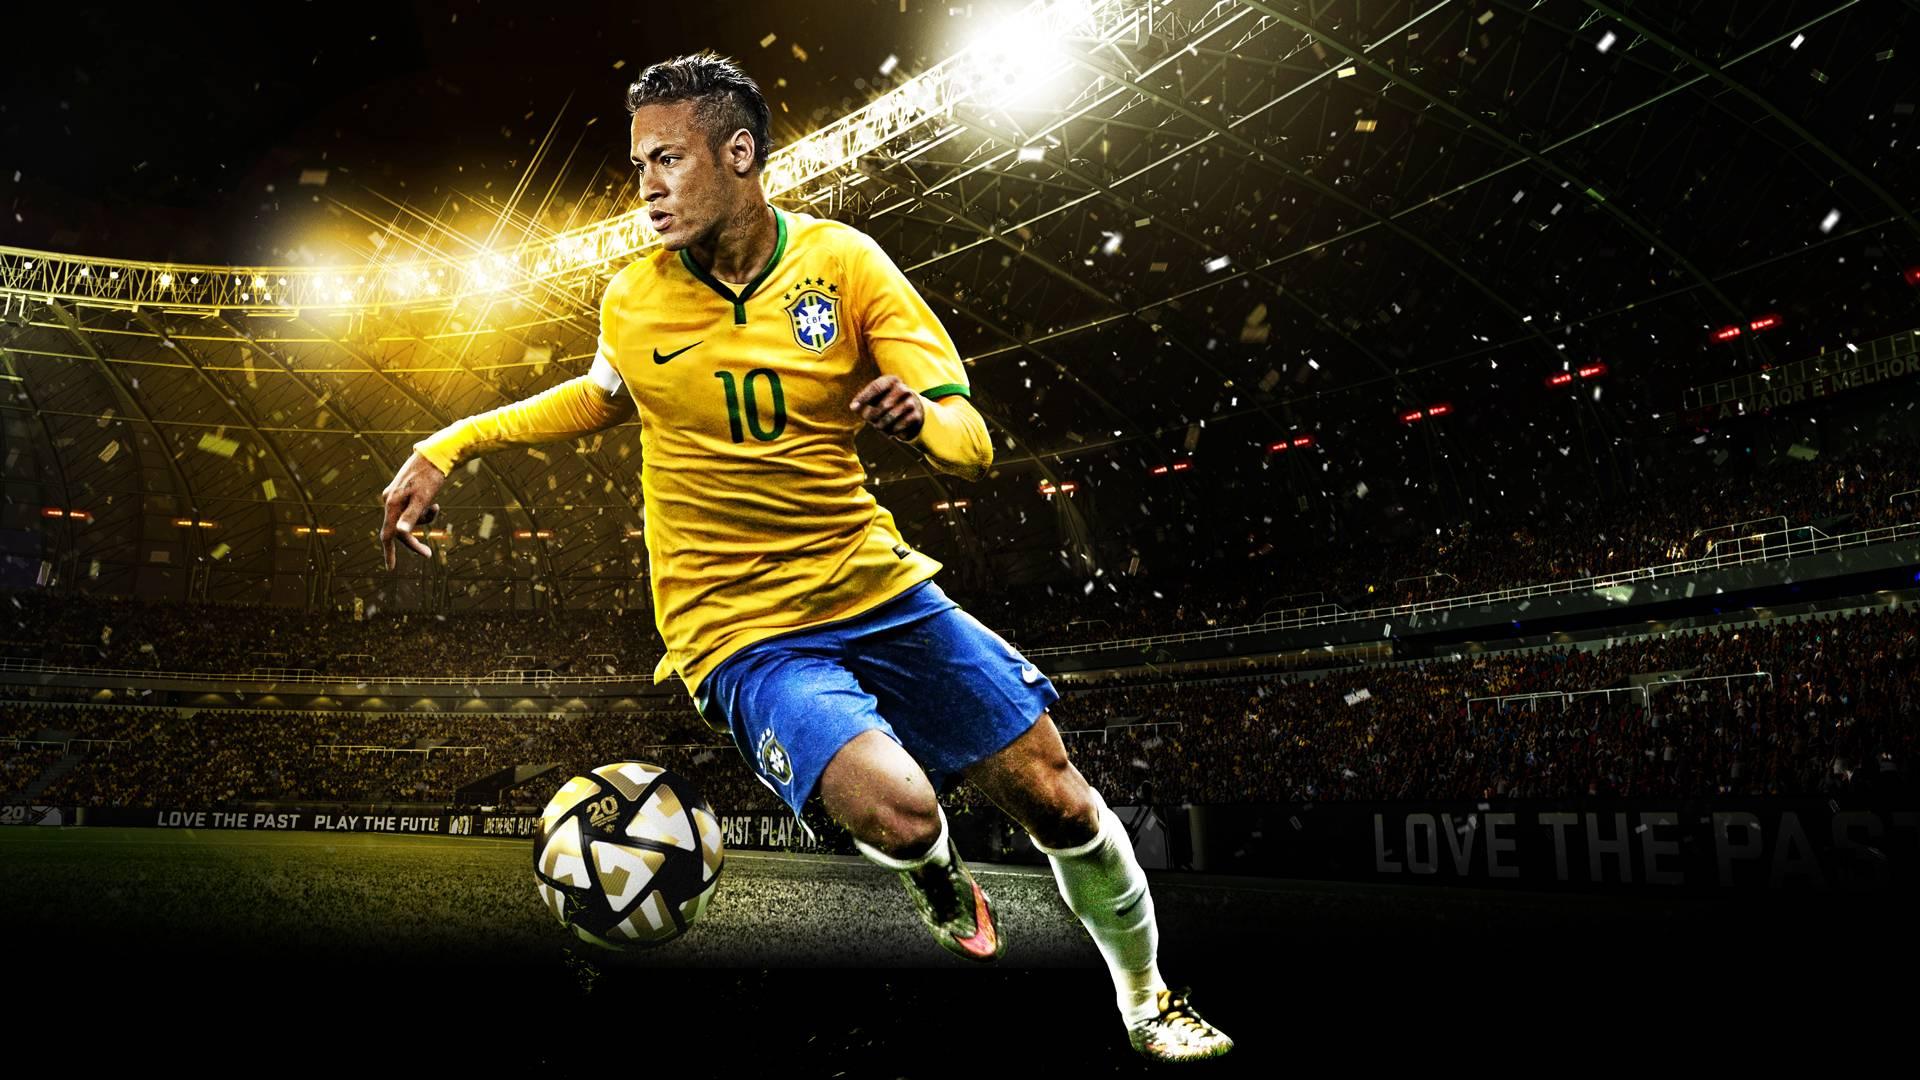 Hình nền cầu thủ bóng đá đẹp